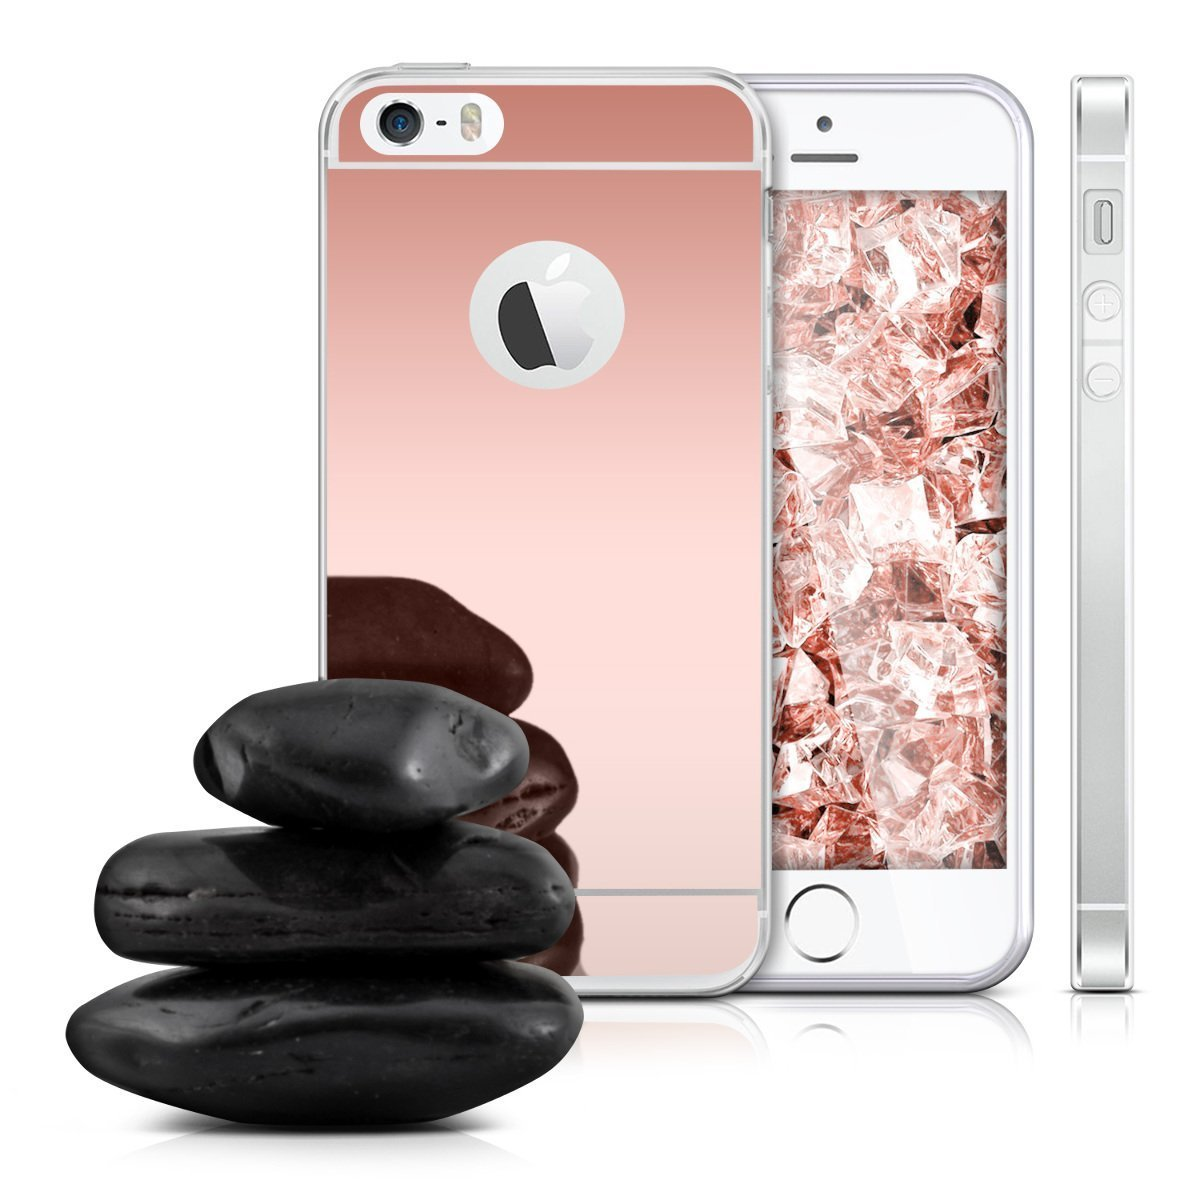 Zrcadlový kryt My Mirror pro iPhone SE / 5s / 5 - Růžově zlatý (rose gold)